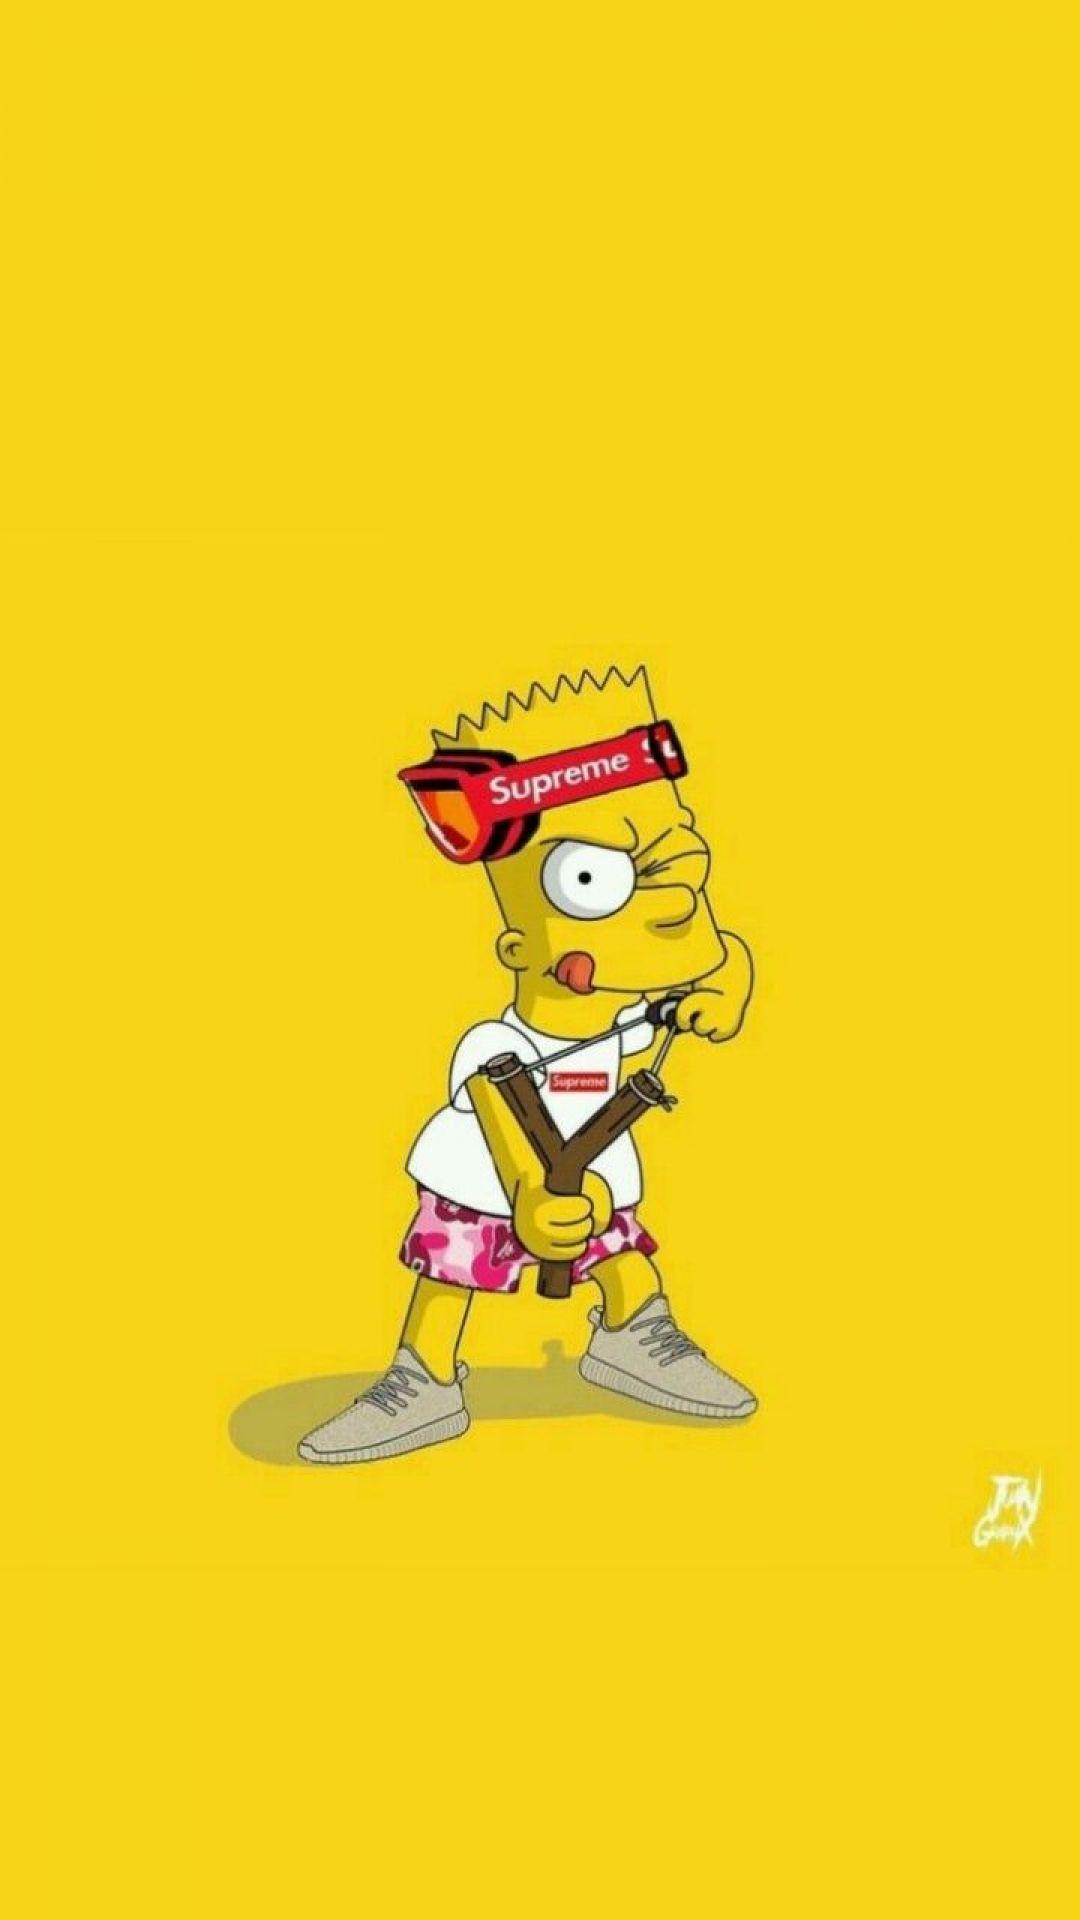 Gangster Bart Simpson Fond D Ecran Gangster 720x1280 Wallpapertip